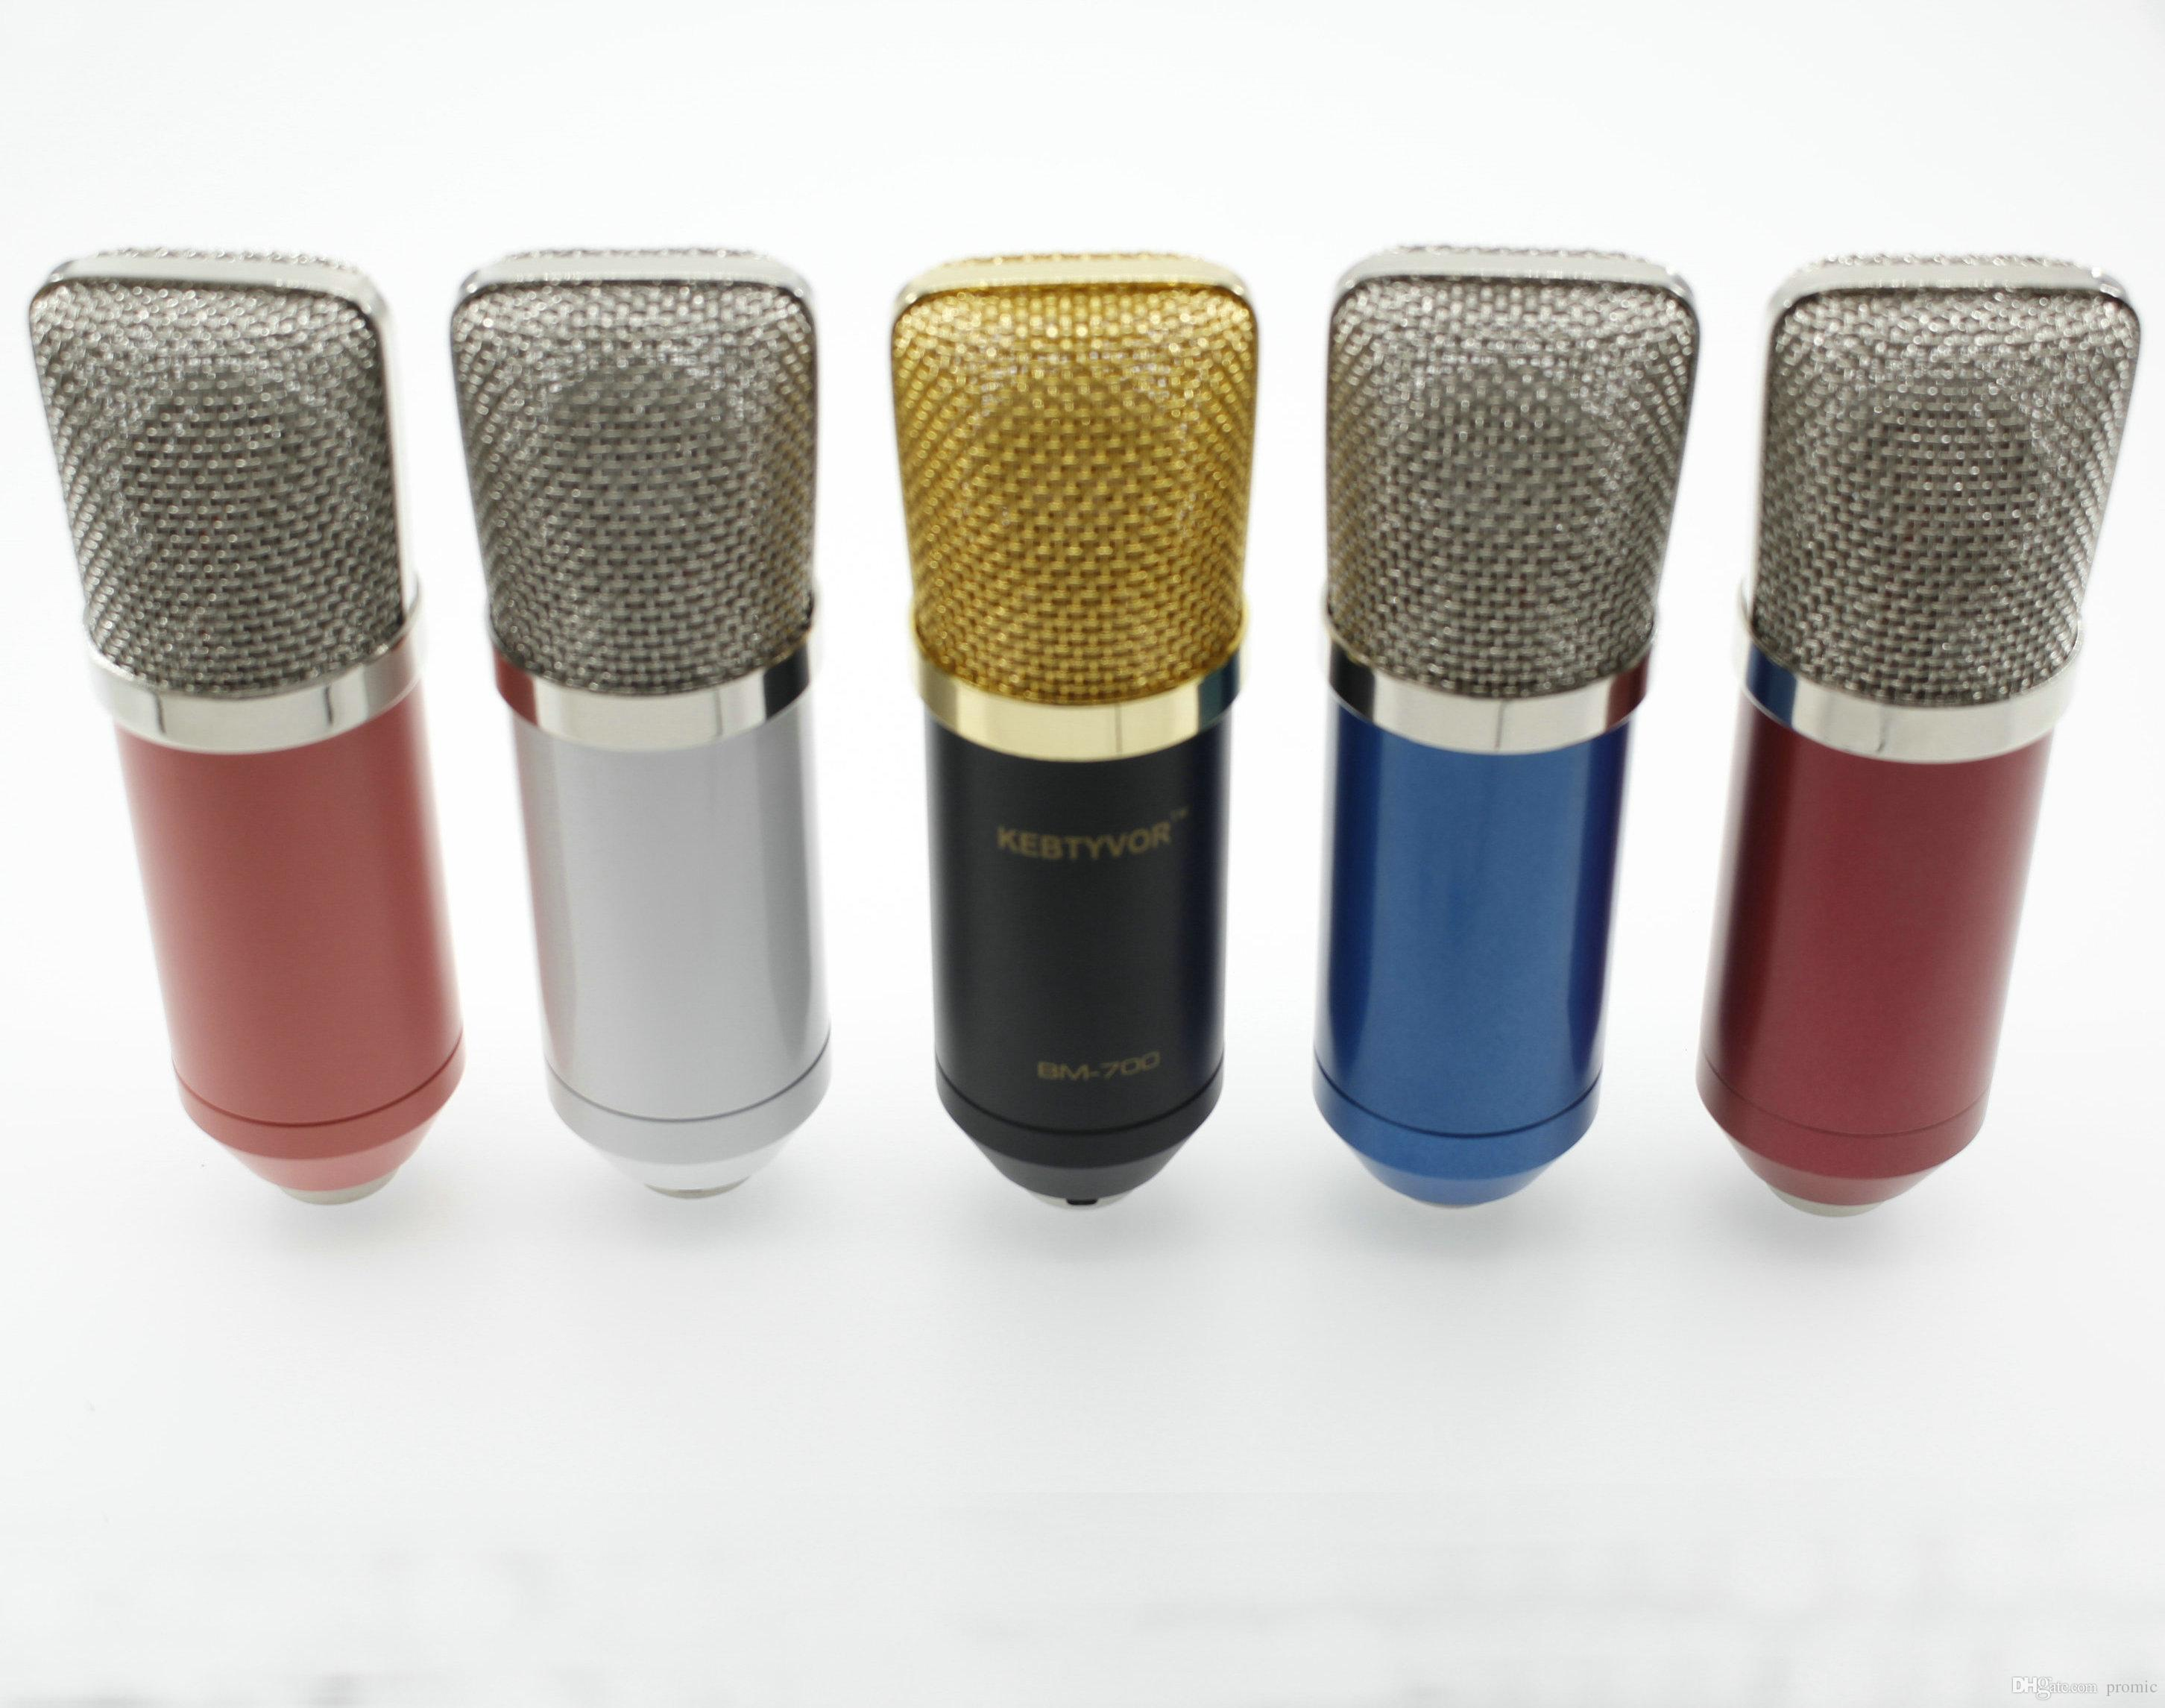 Profesyonel Kayıt Stüdyosu Mikrofonlar BM700 Kondenser Mikrofon Bilgisayar Müzik Oluşturmak Için Mikrofonun Condensador PC Mic Mike